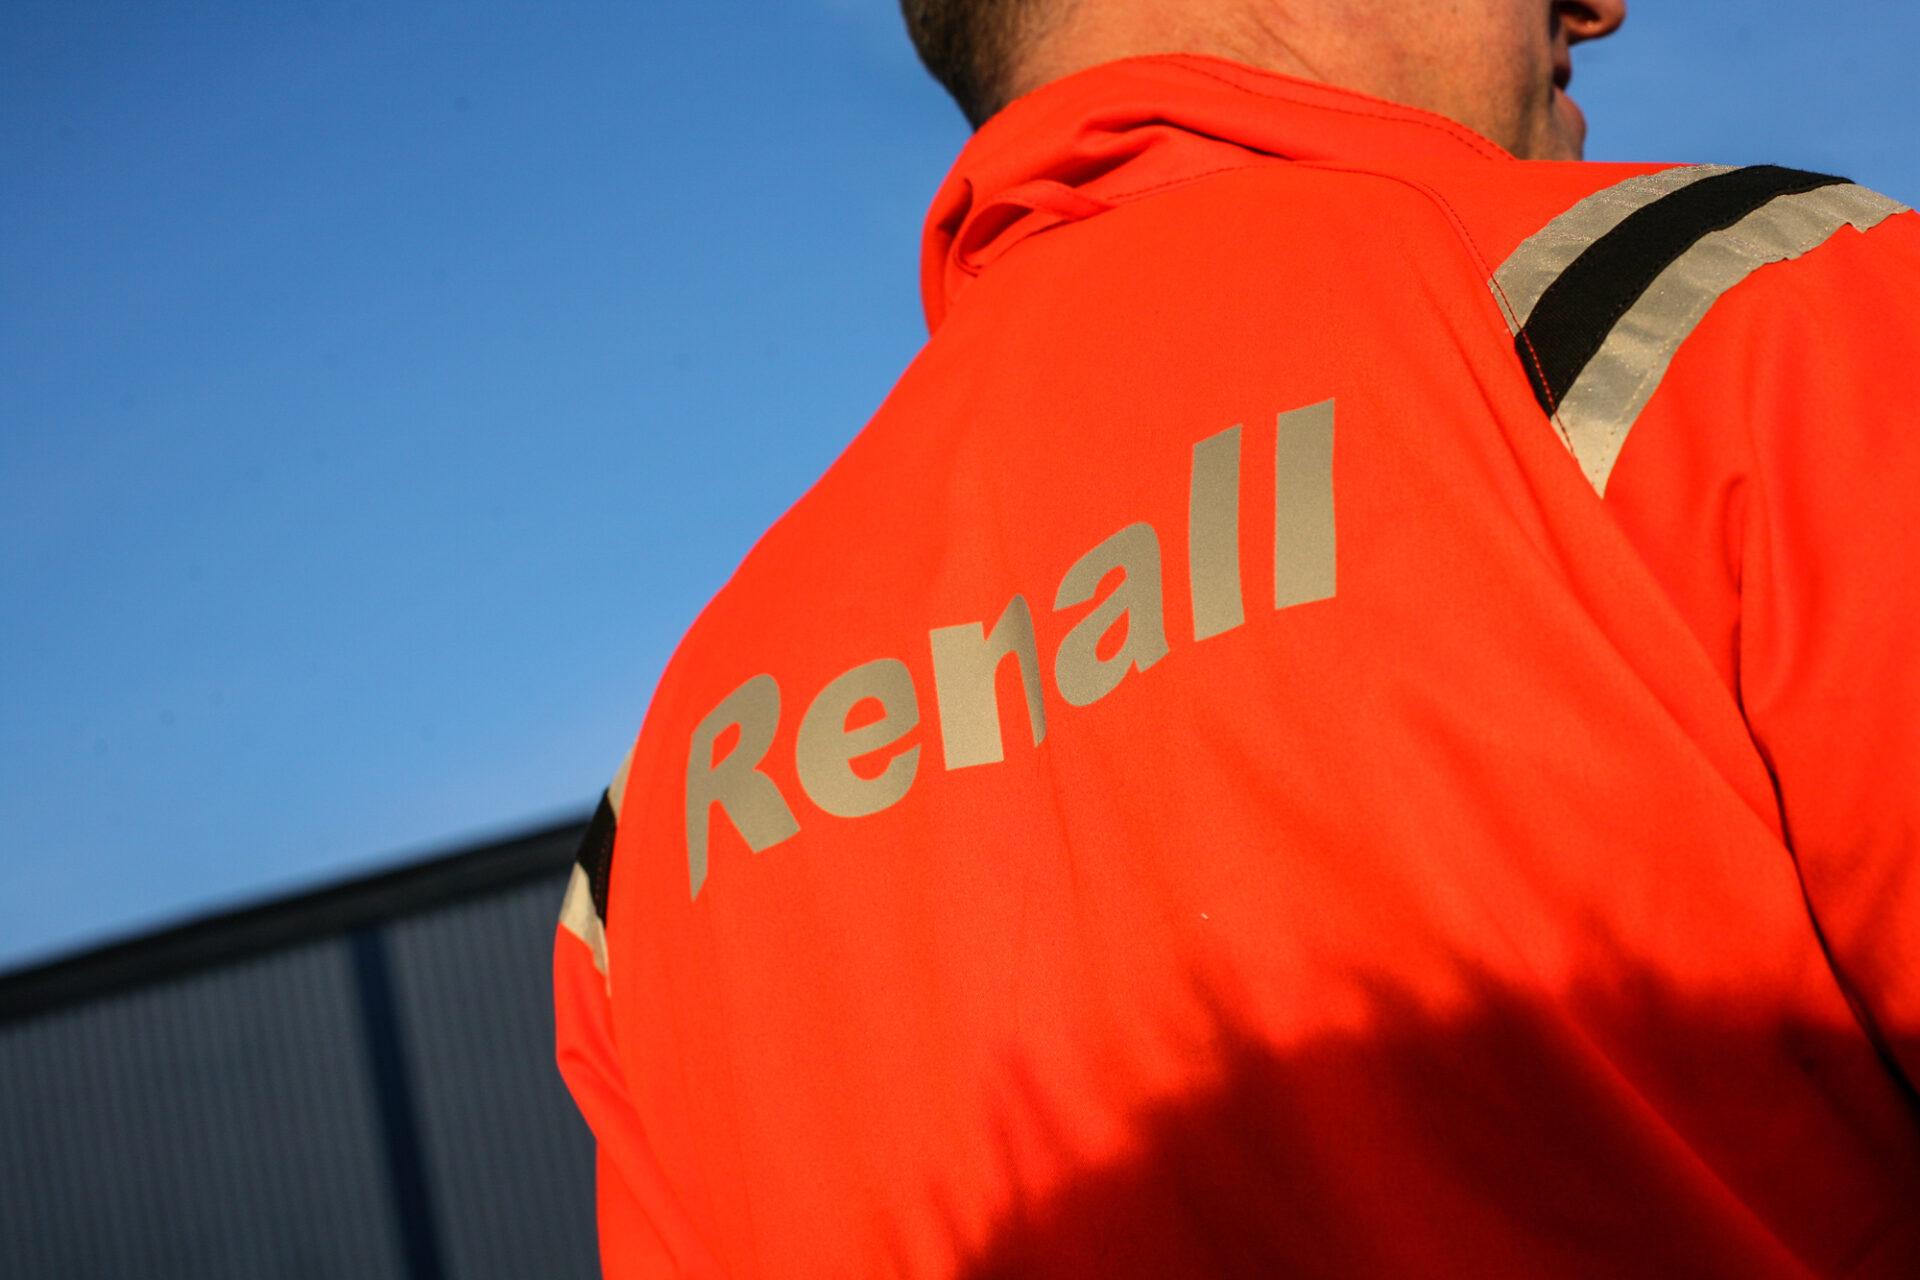 Närbild av persons rygg iklädd jacka med Renall-logga